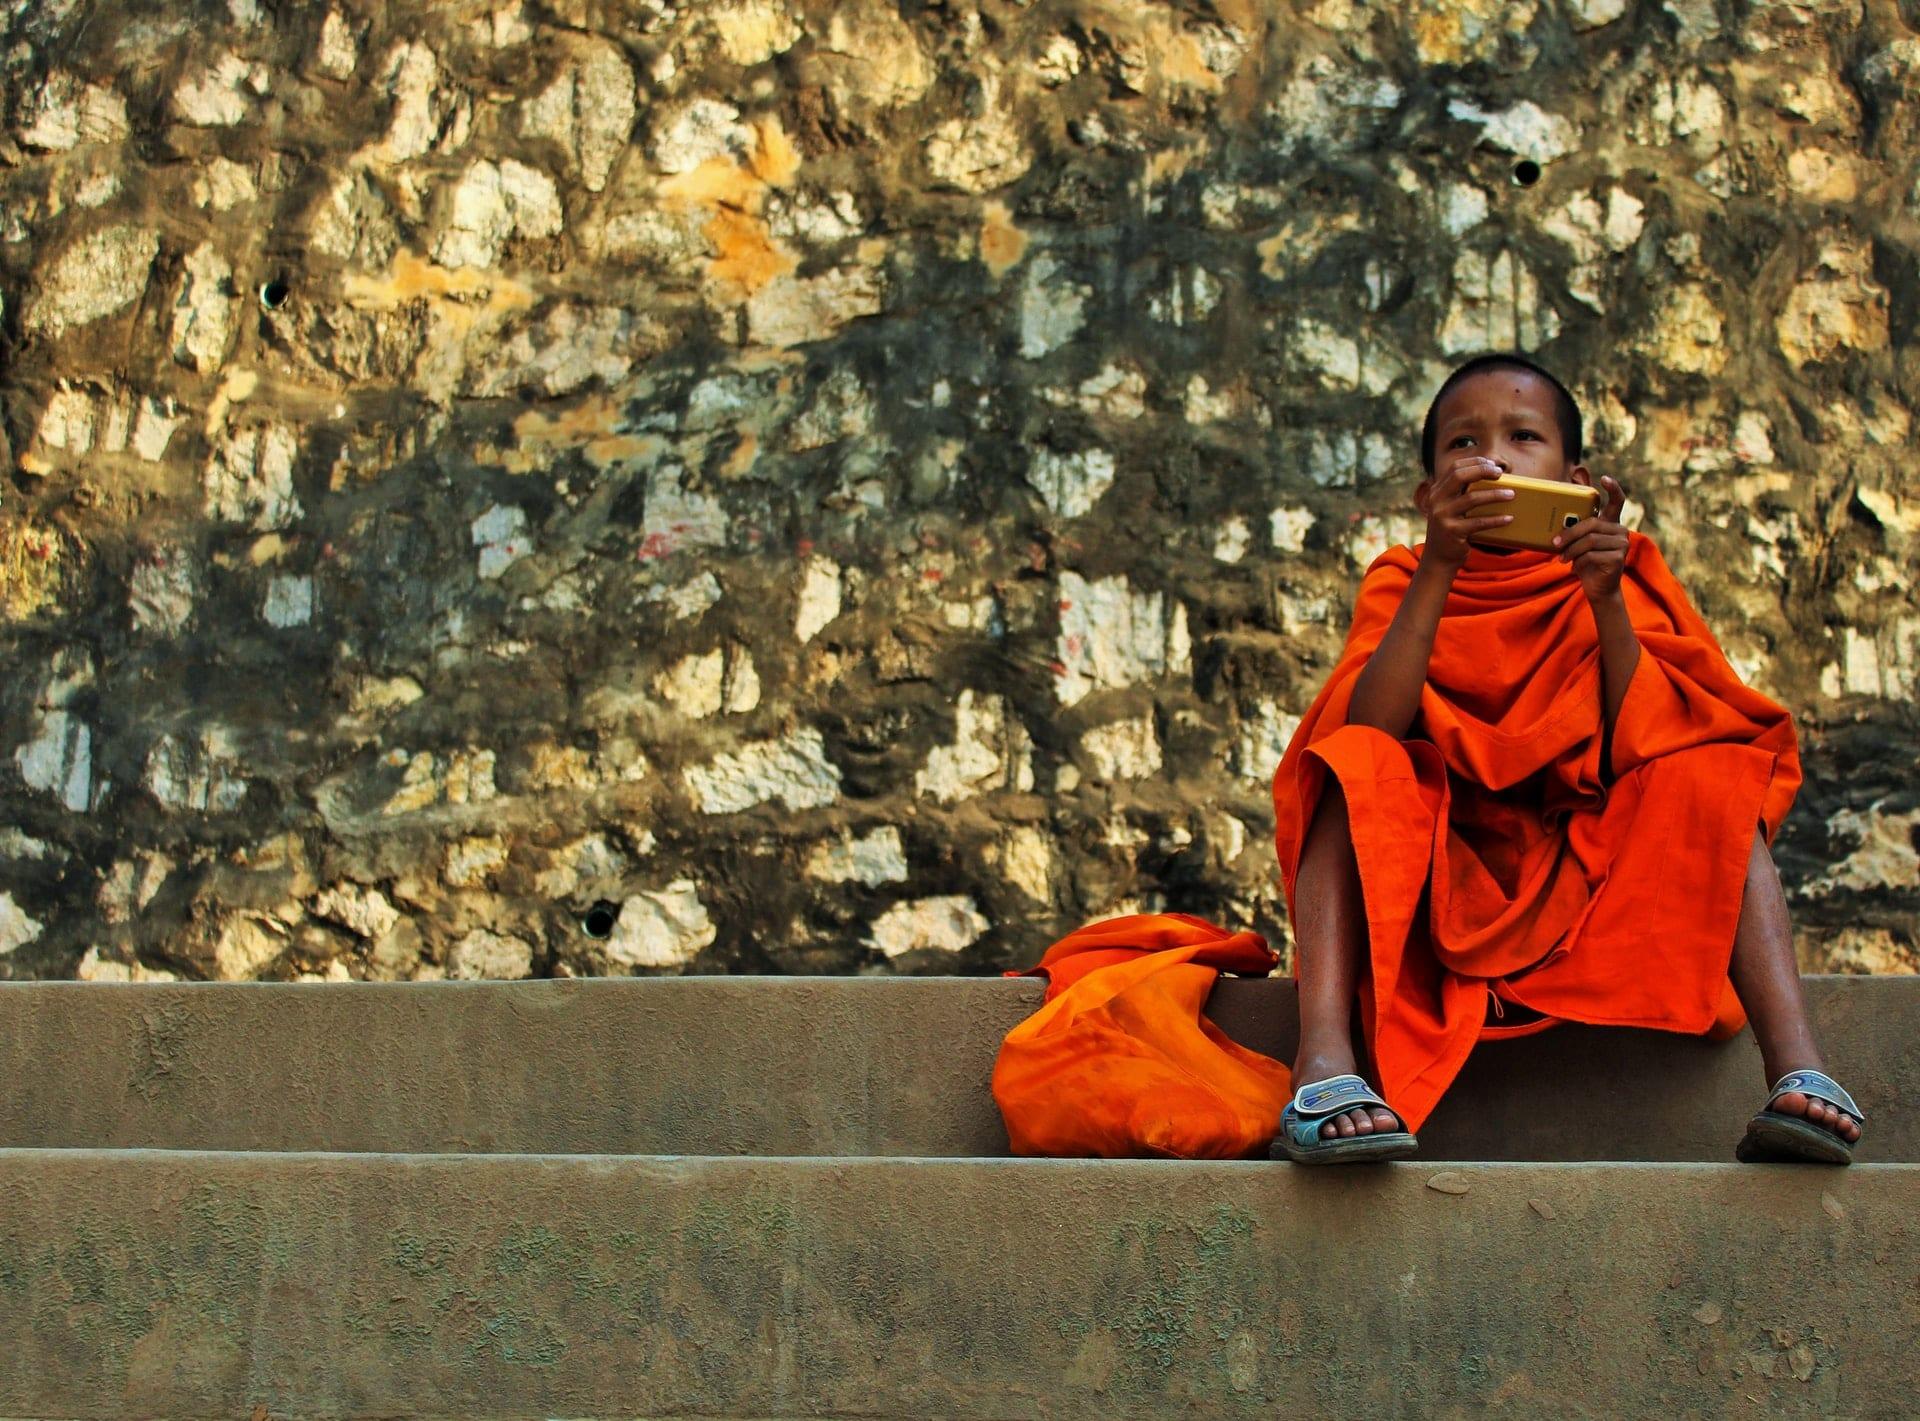 Buddist Monk in Luang Prabang, Laos